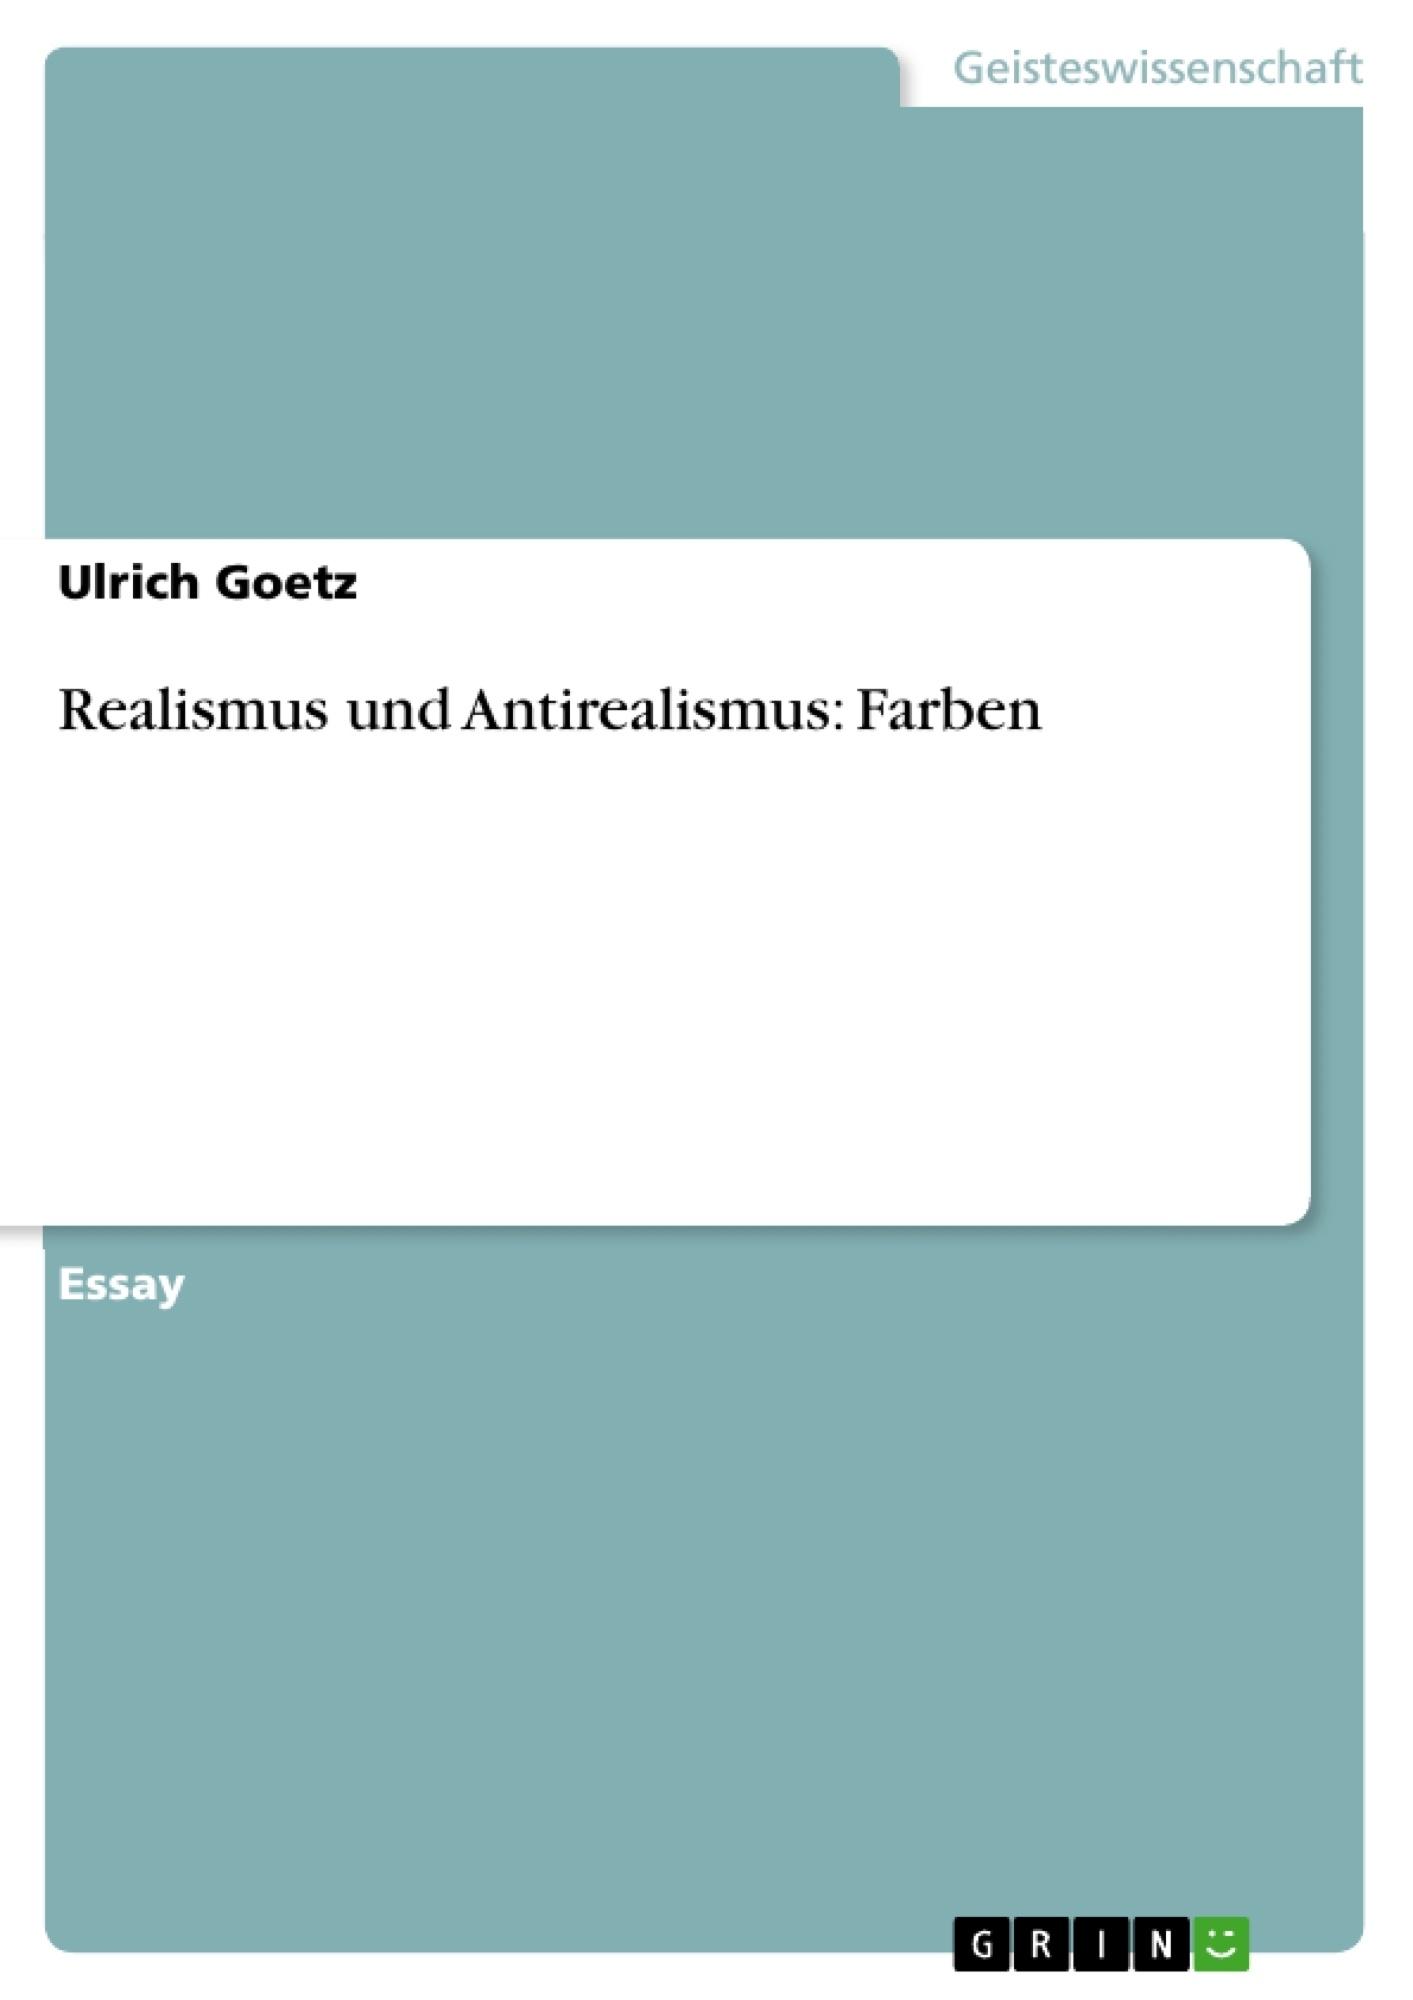 Titel: Realismus und Antirealismus: Farben